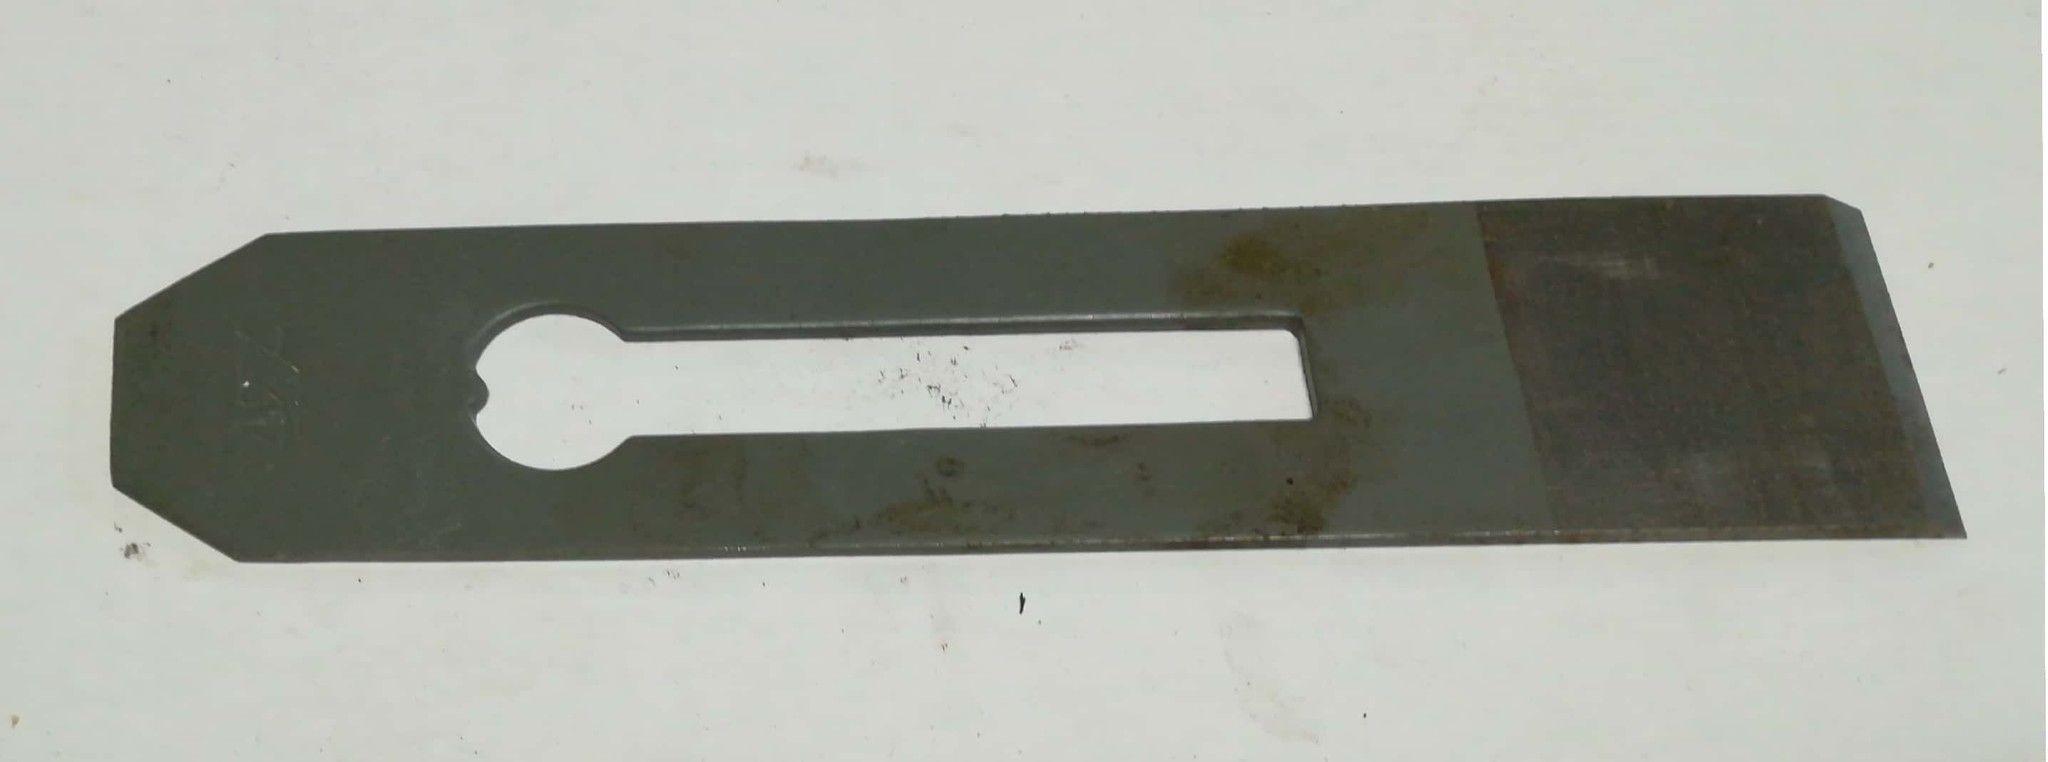 Ferro semplice per pialla forato mm 48